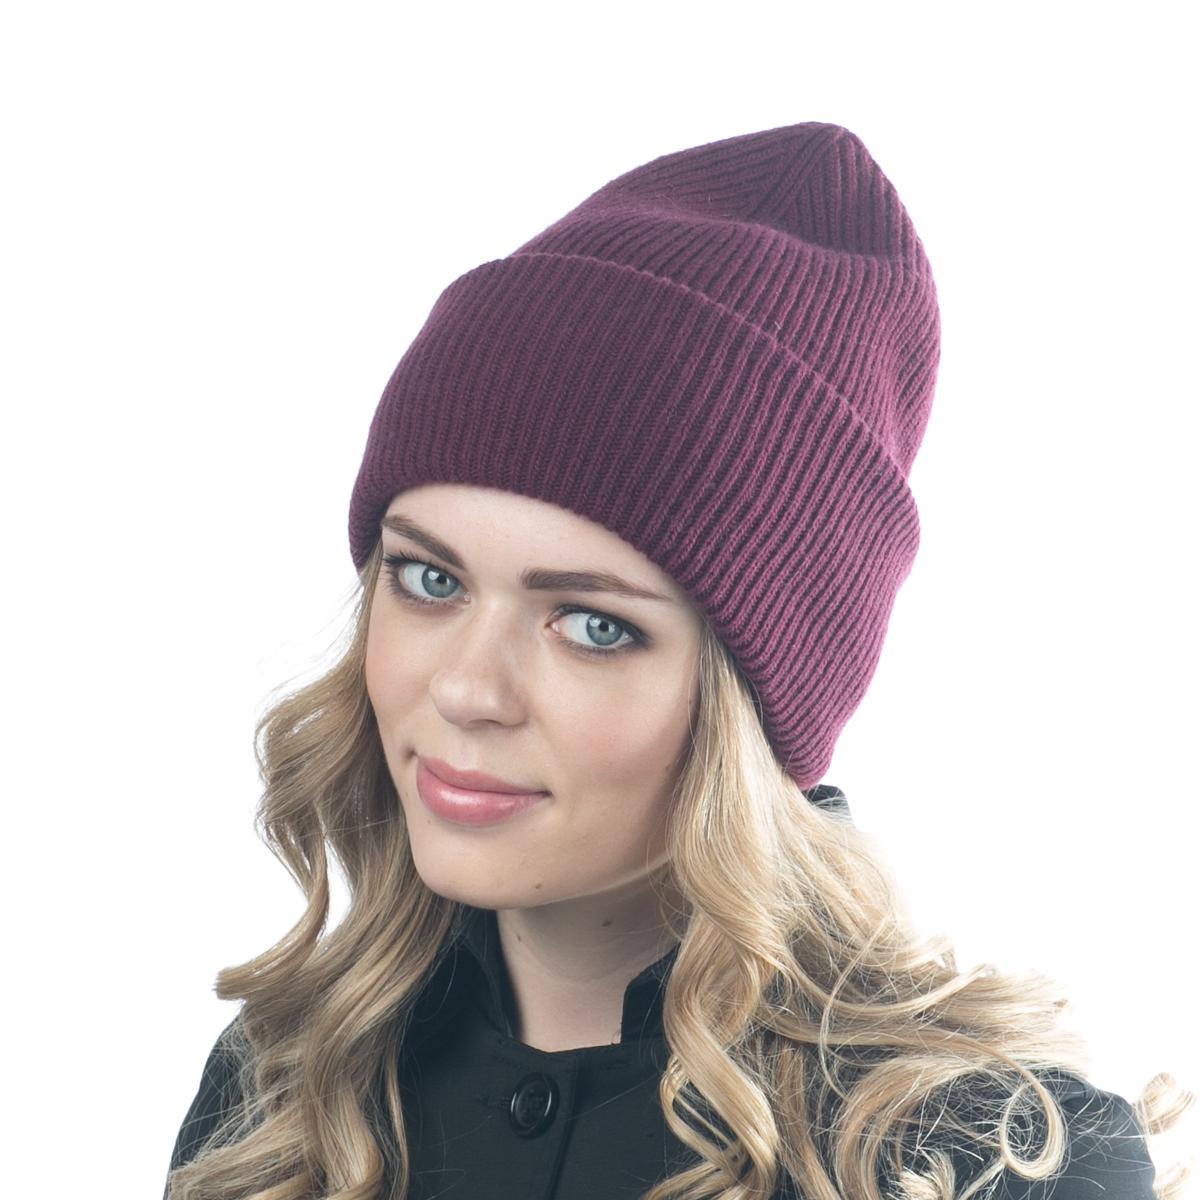 Шапка женская Flioraj, цвет: бордовый. 08FJ. Размер 56/5808FJДвойная шерстяная шапка-колпачок от Flioraj, выполненная из овечьей шерсти, альпаки и кашемира, поднимет настроение и отлично согреет в холодную погоду. Состав пряжи делает изделие мягким, теплым и комфортным. Такую шапочку можно носить с любым видом верхней одежды, достаточно только определиться с цветом.